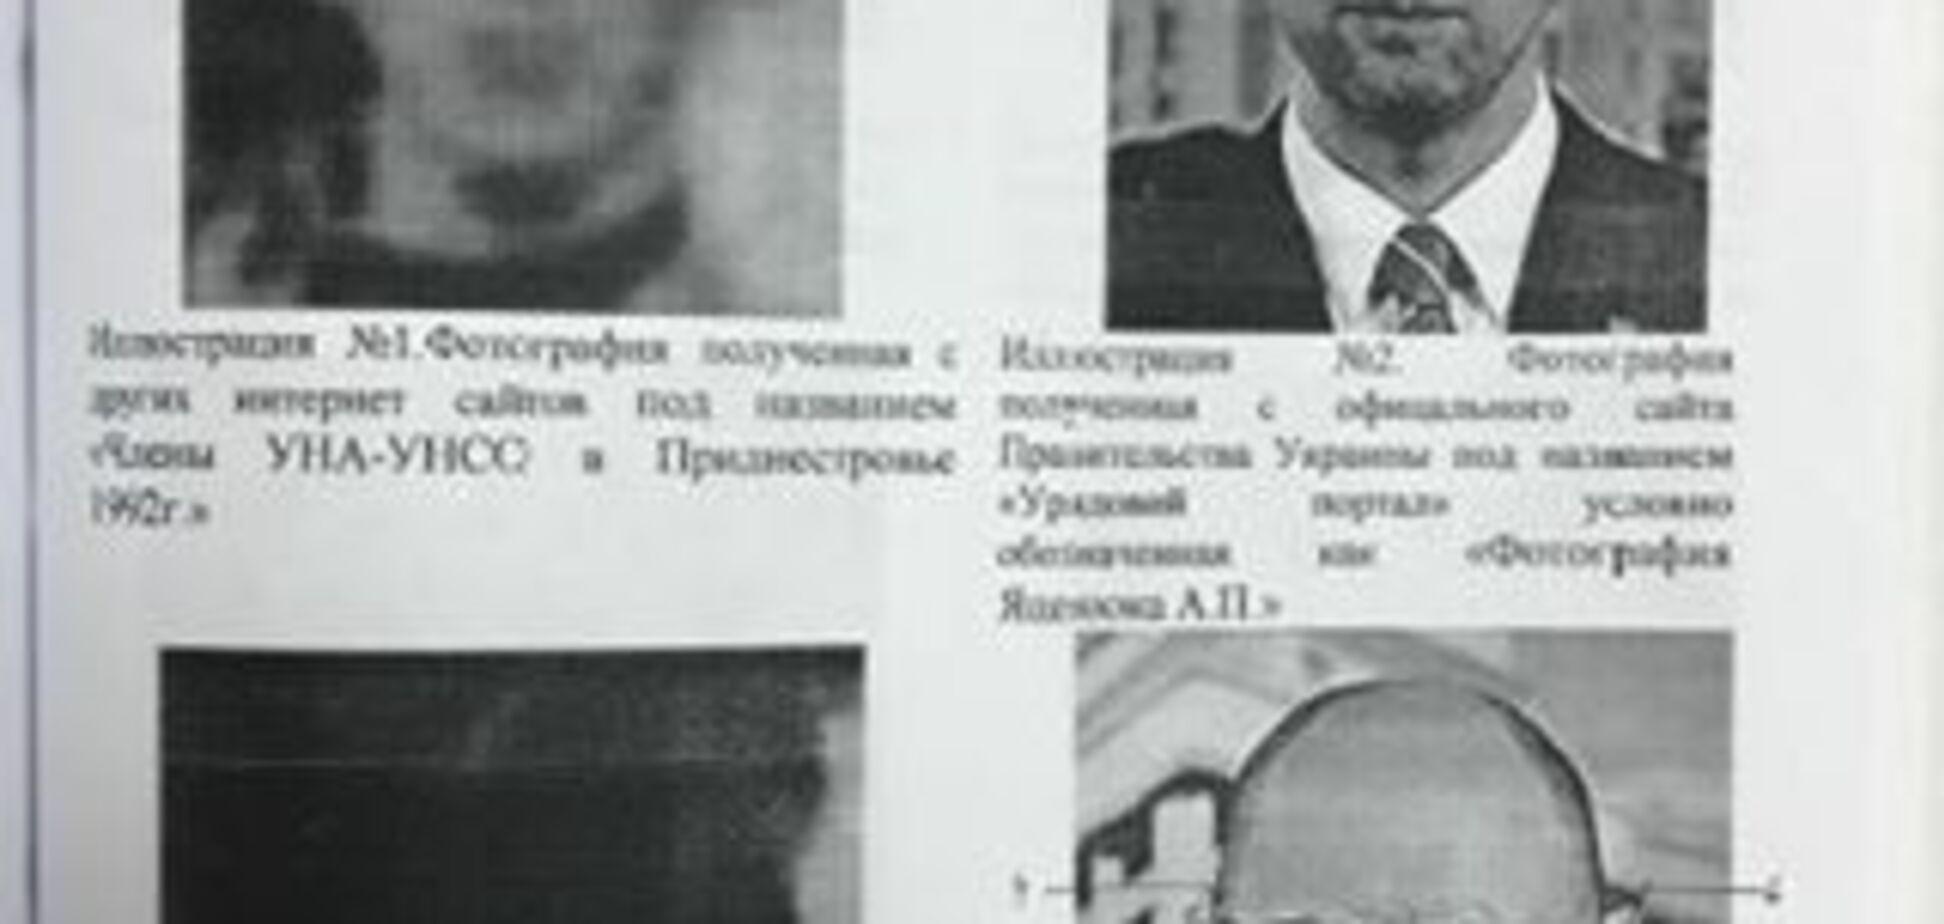 Воевал не только в Чечне: в России показали 'доказательства' новых 'зверств' Яценюка